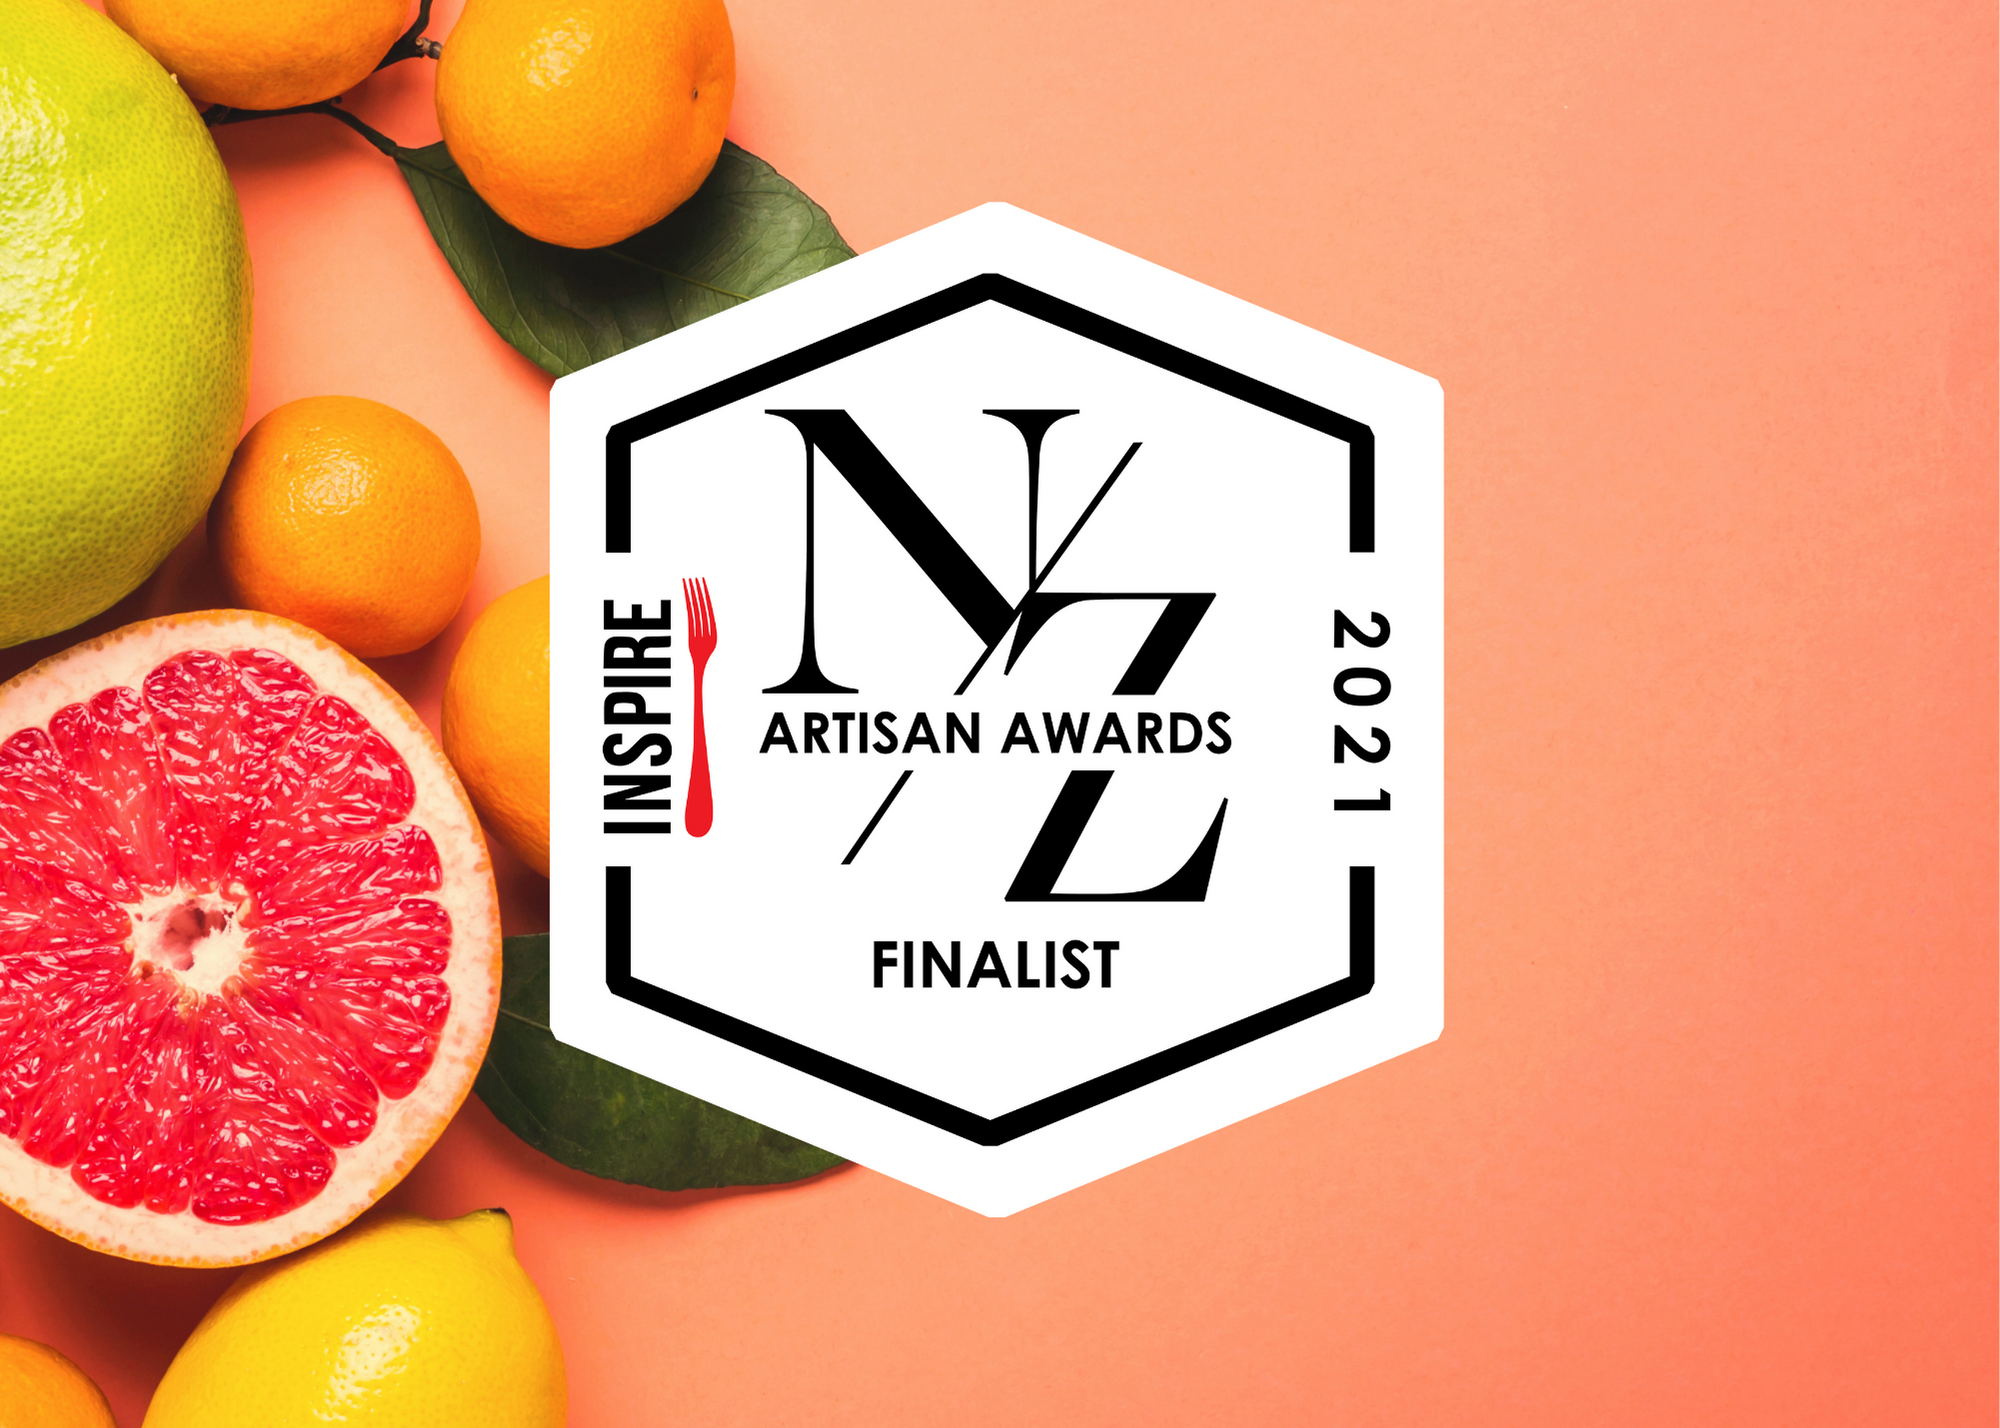 2021 NZ Artisan Awards Finalists Announced!